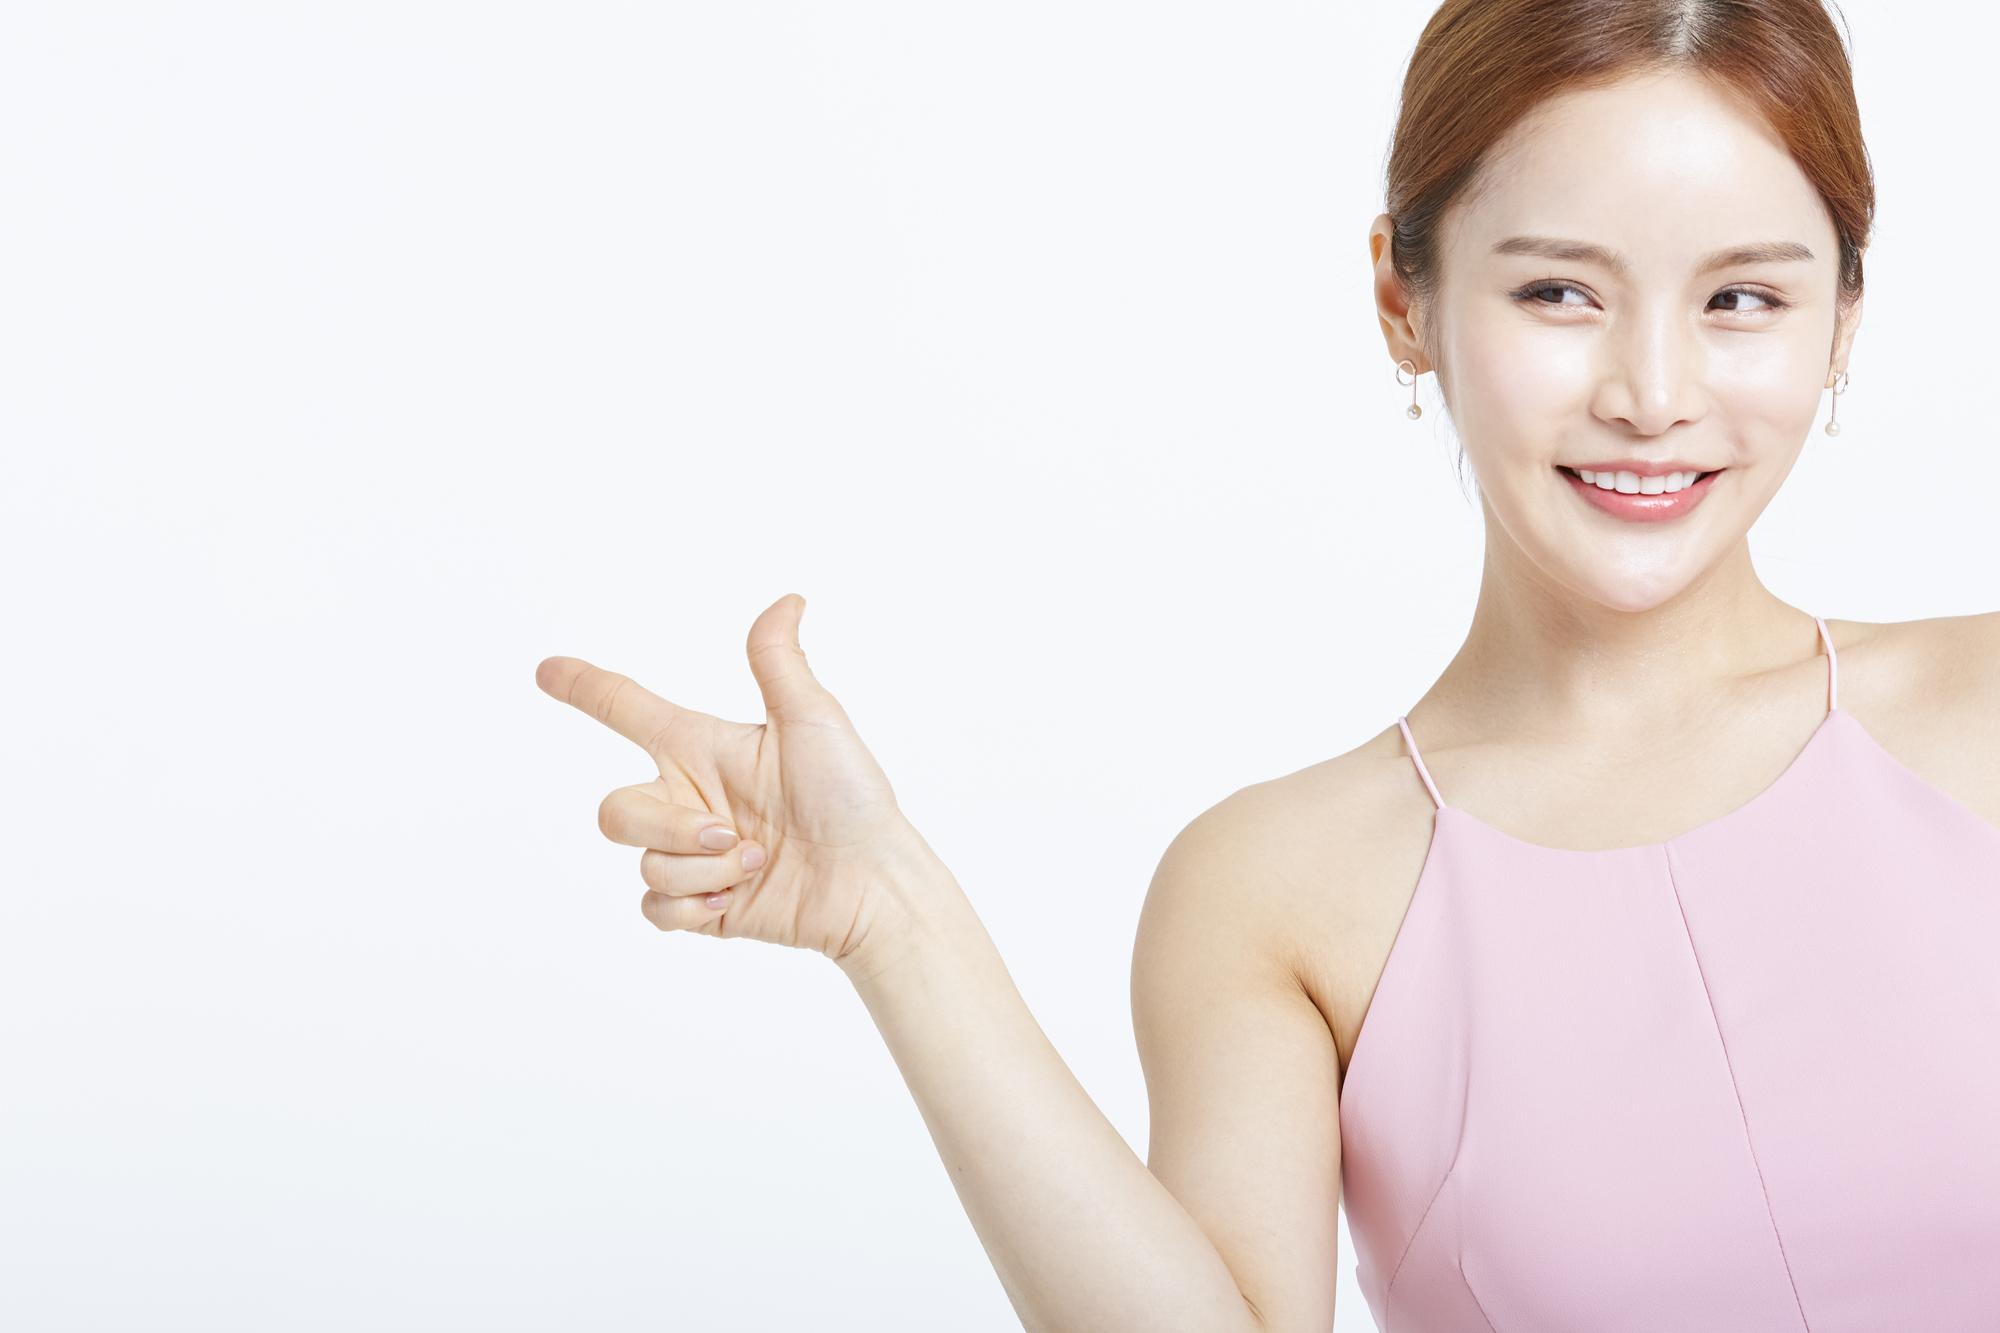 オンラインヨガOluluのレッスンを紹介する女性